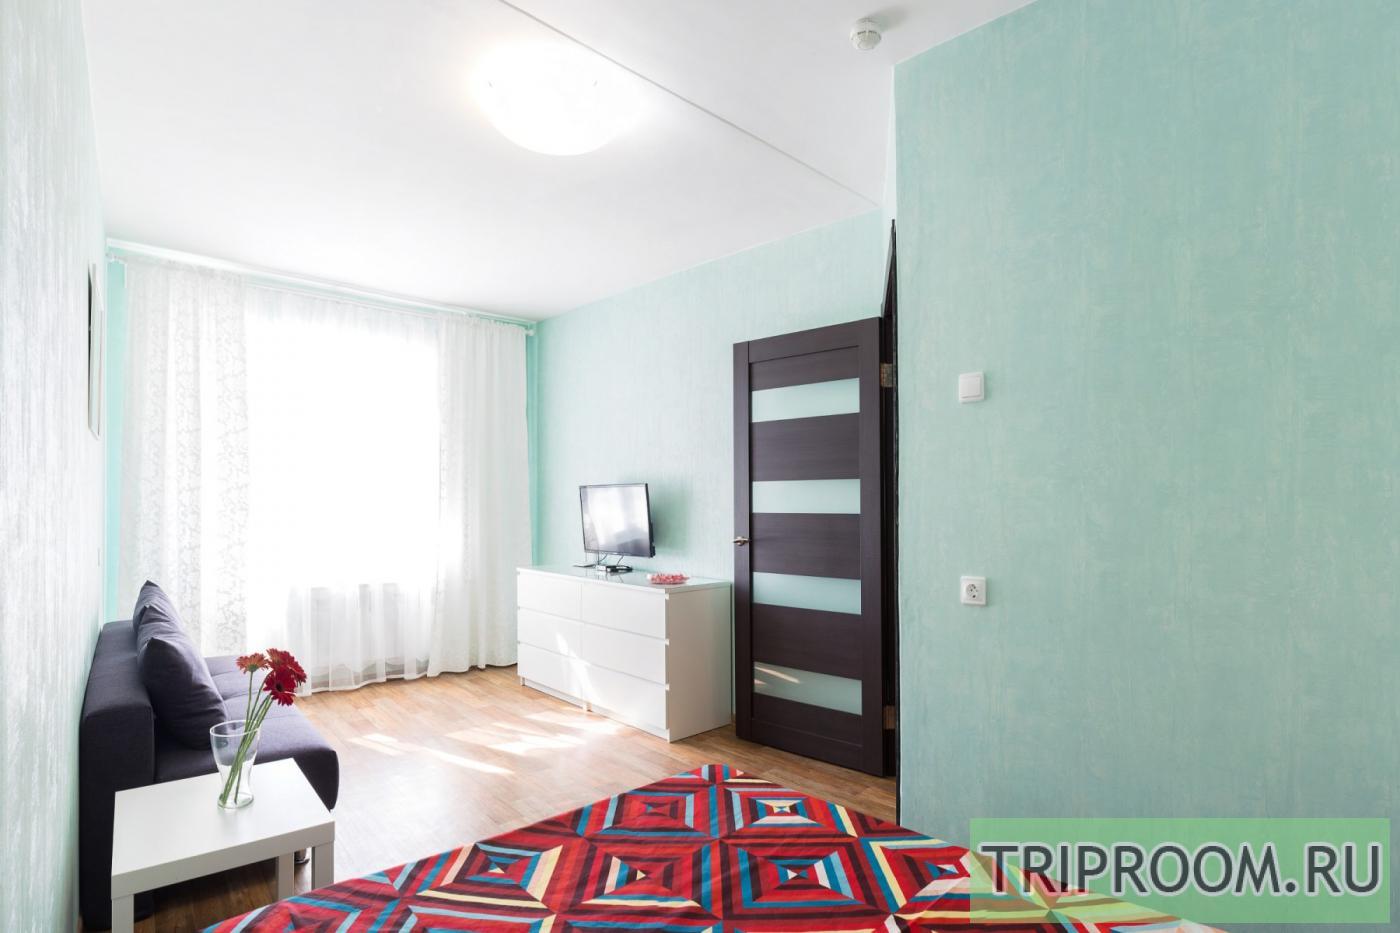 1-комнатная квартира посуточно (вариант № 33104), ул. Вилонова улица, фото № 3